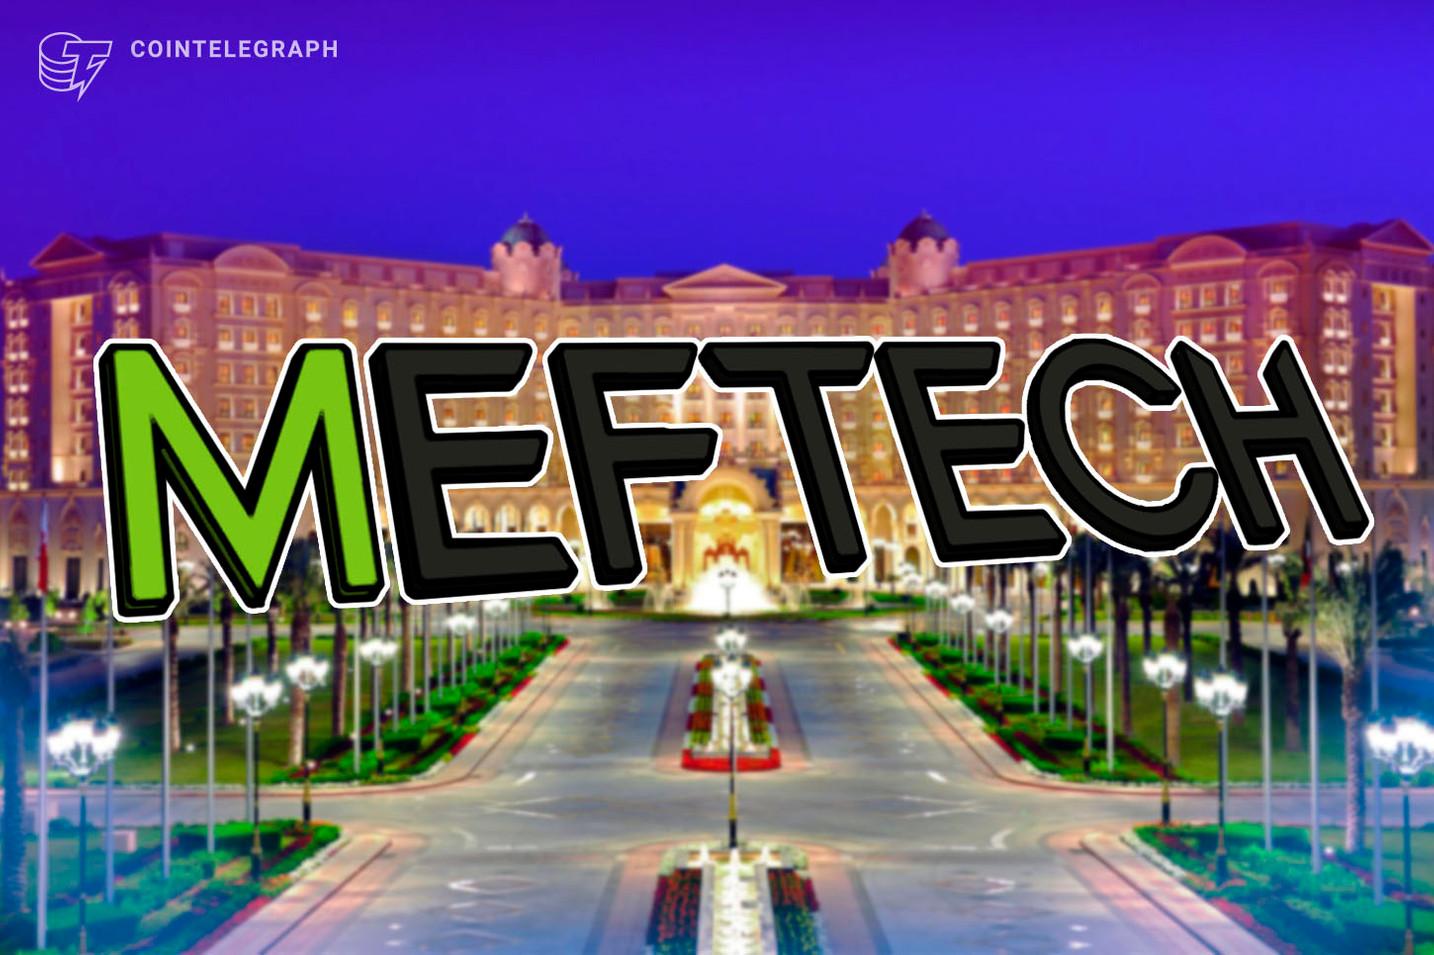 MEFTECH 2020 Support Saudi Arabia's Thriving Fintech Growth